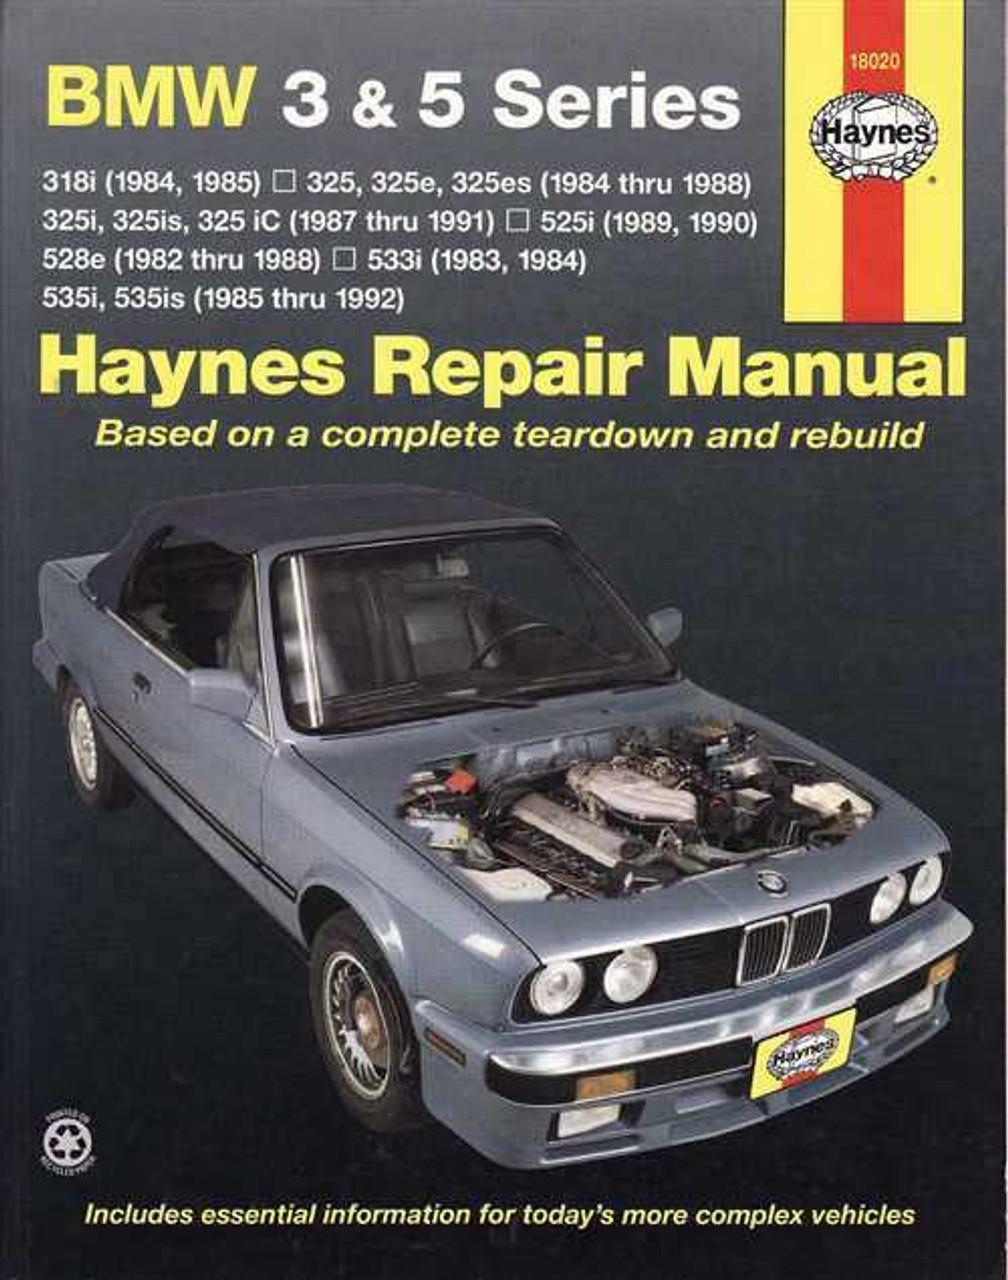 bmw 3 series e30 and 5 series e28 e34 1982 1992 workshop manual rh automotobookshop com au bmw e30 service manual bmw e30 service manual pdf